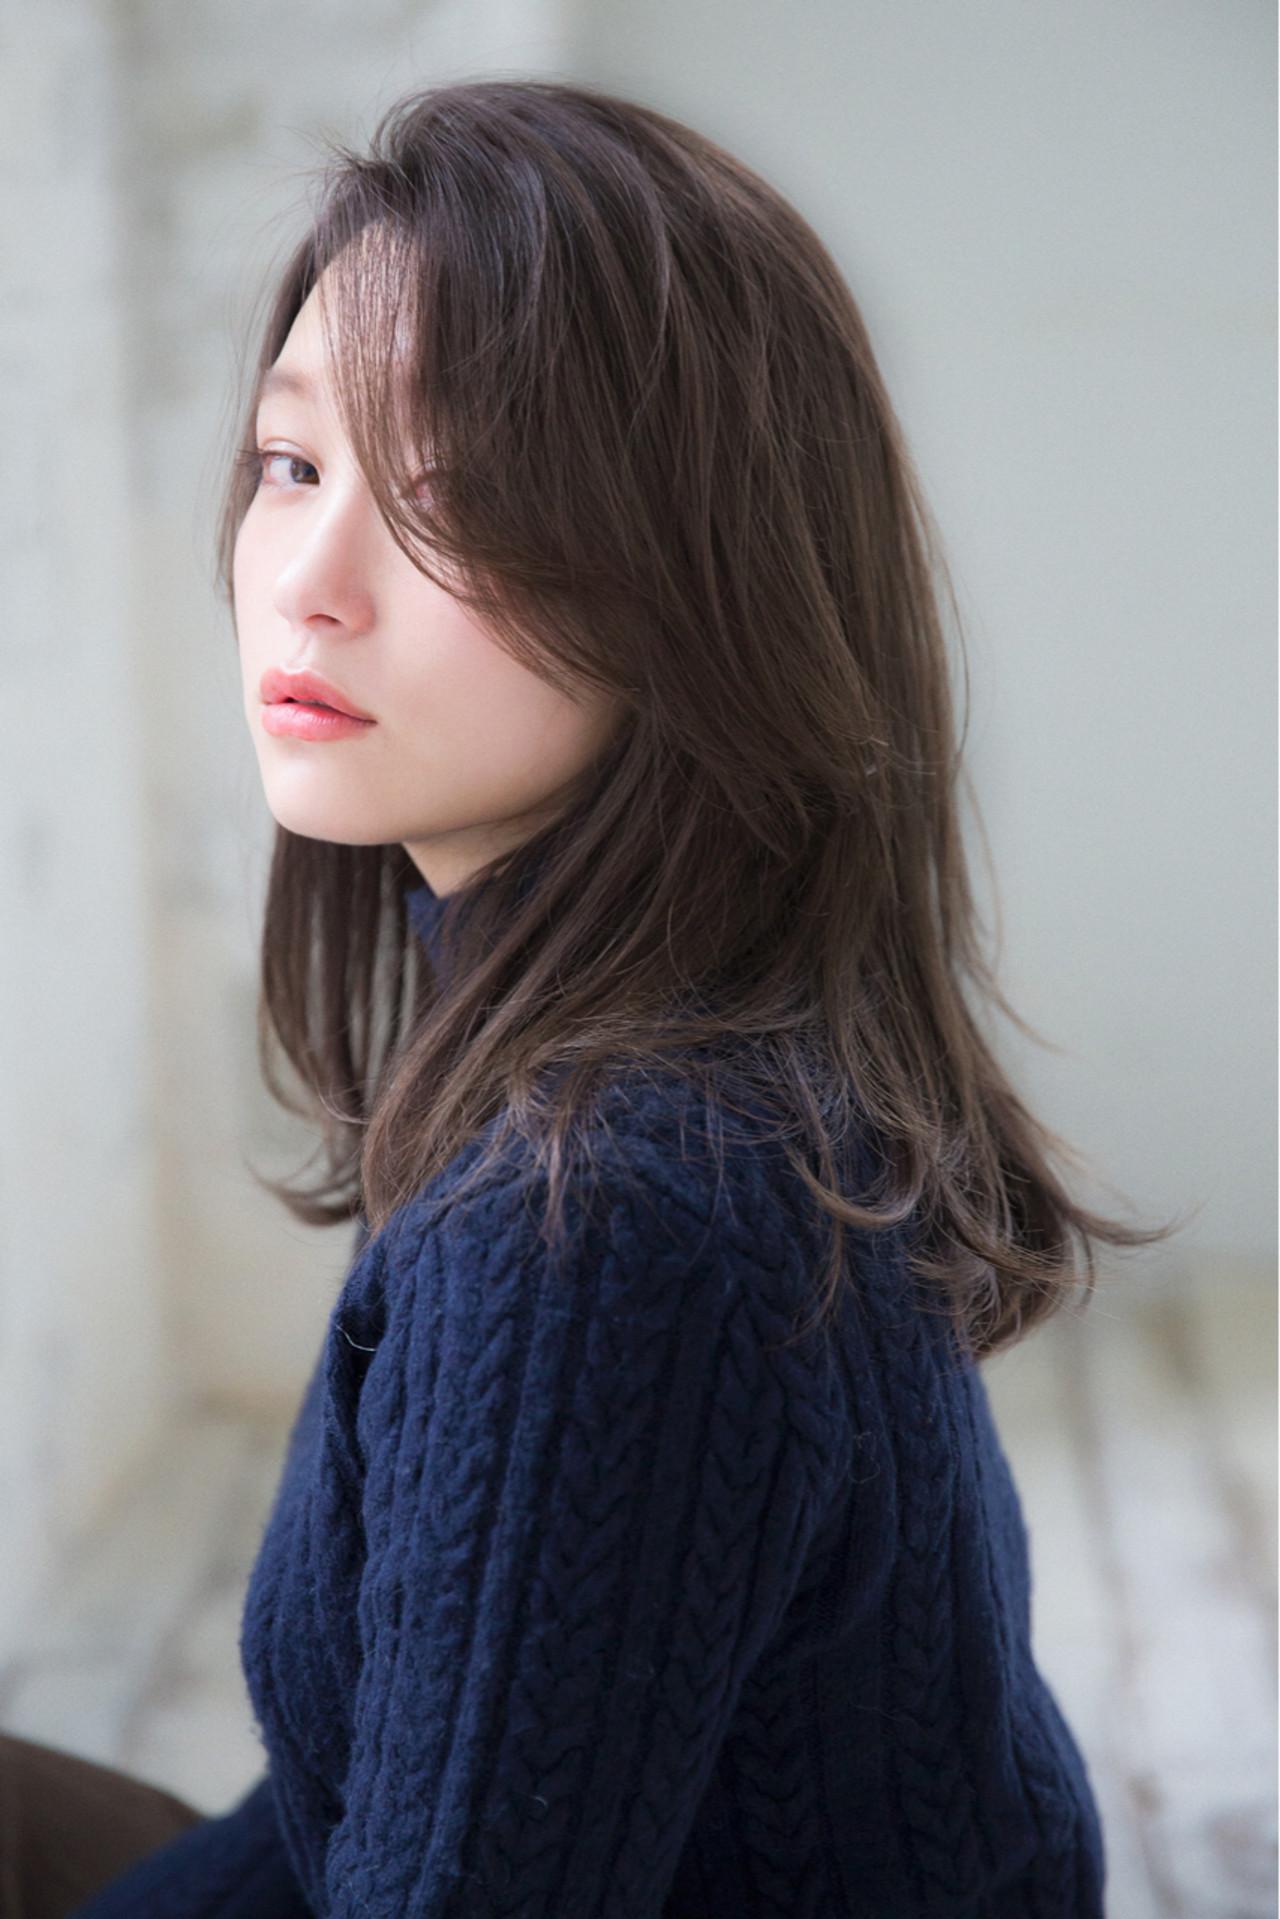 大人女子 ナチュラル こなれ感 ミディアム ヘアスタイルや髪型の写真・画像 | joemi by unami 森千里 / joemi by unami 新宿